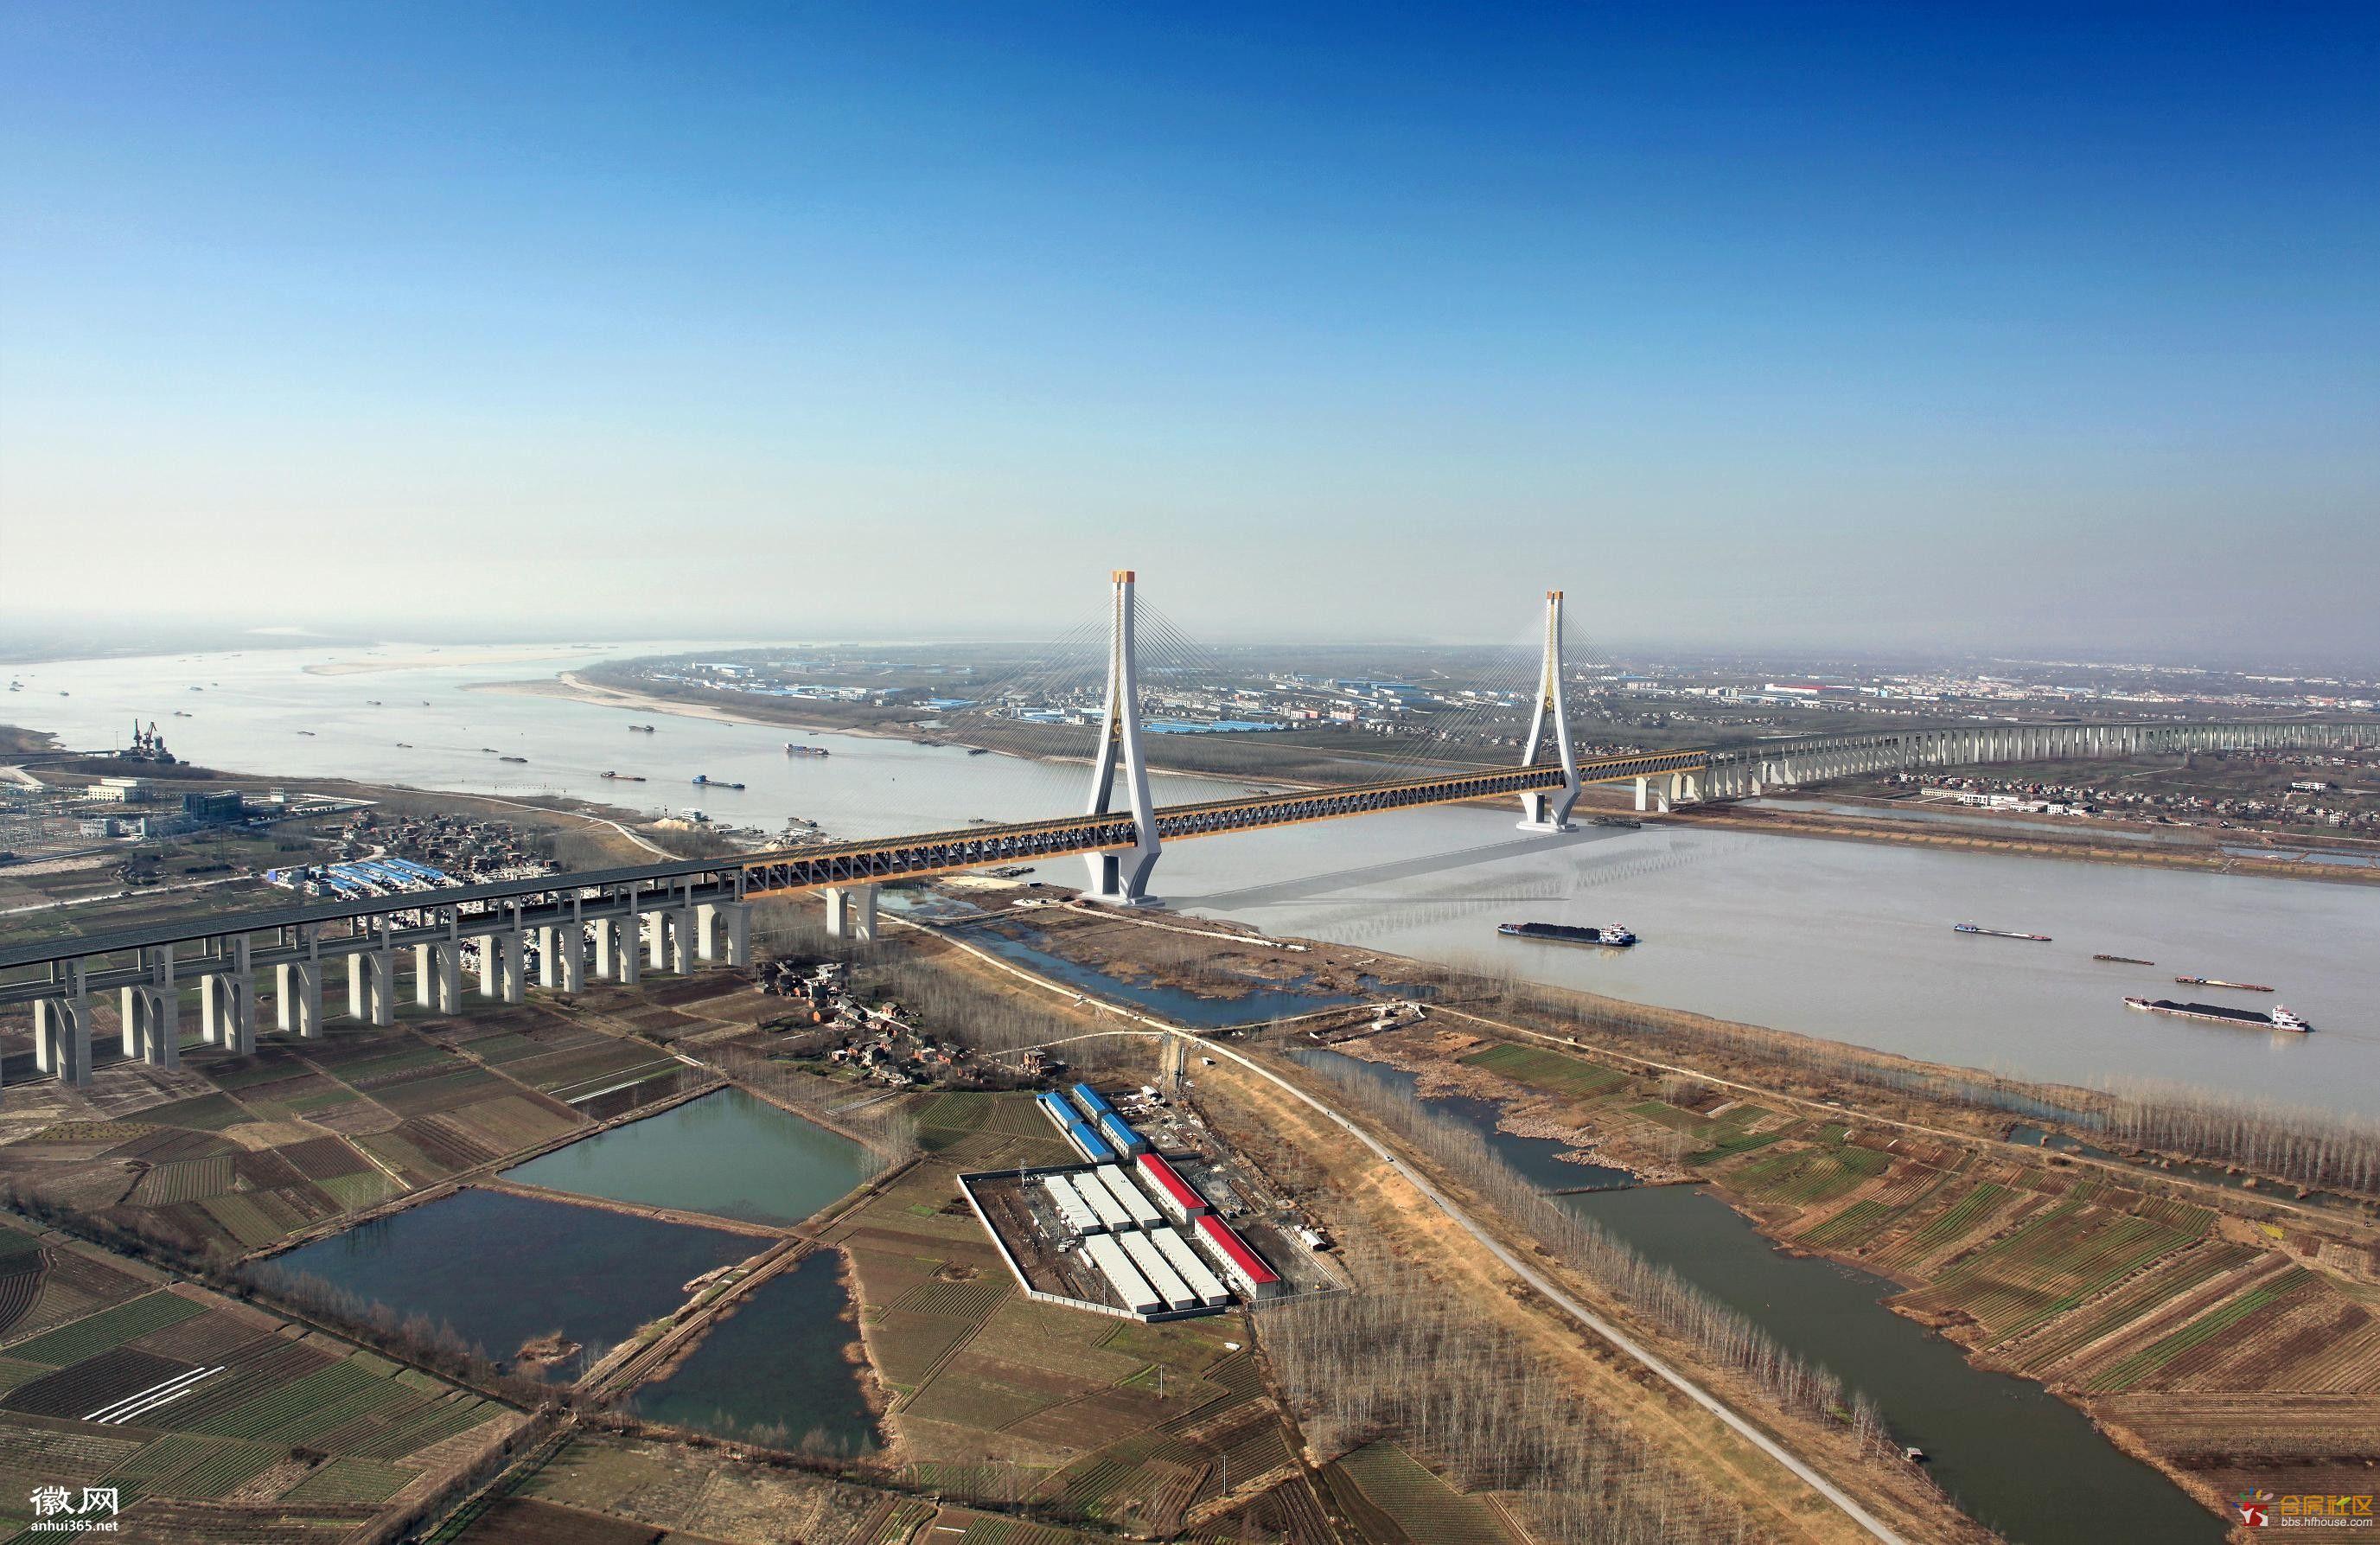 安徽合福高铁动车图俯瞰图-转 合福高铁铜陵长江公铁大桥 太震撼了